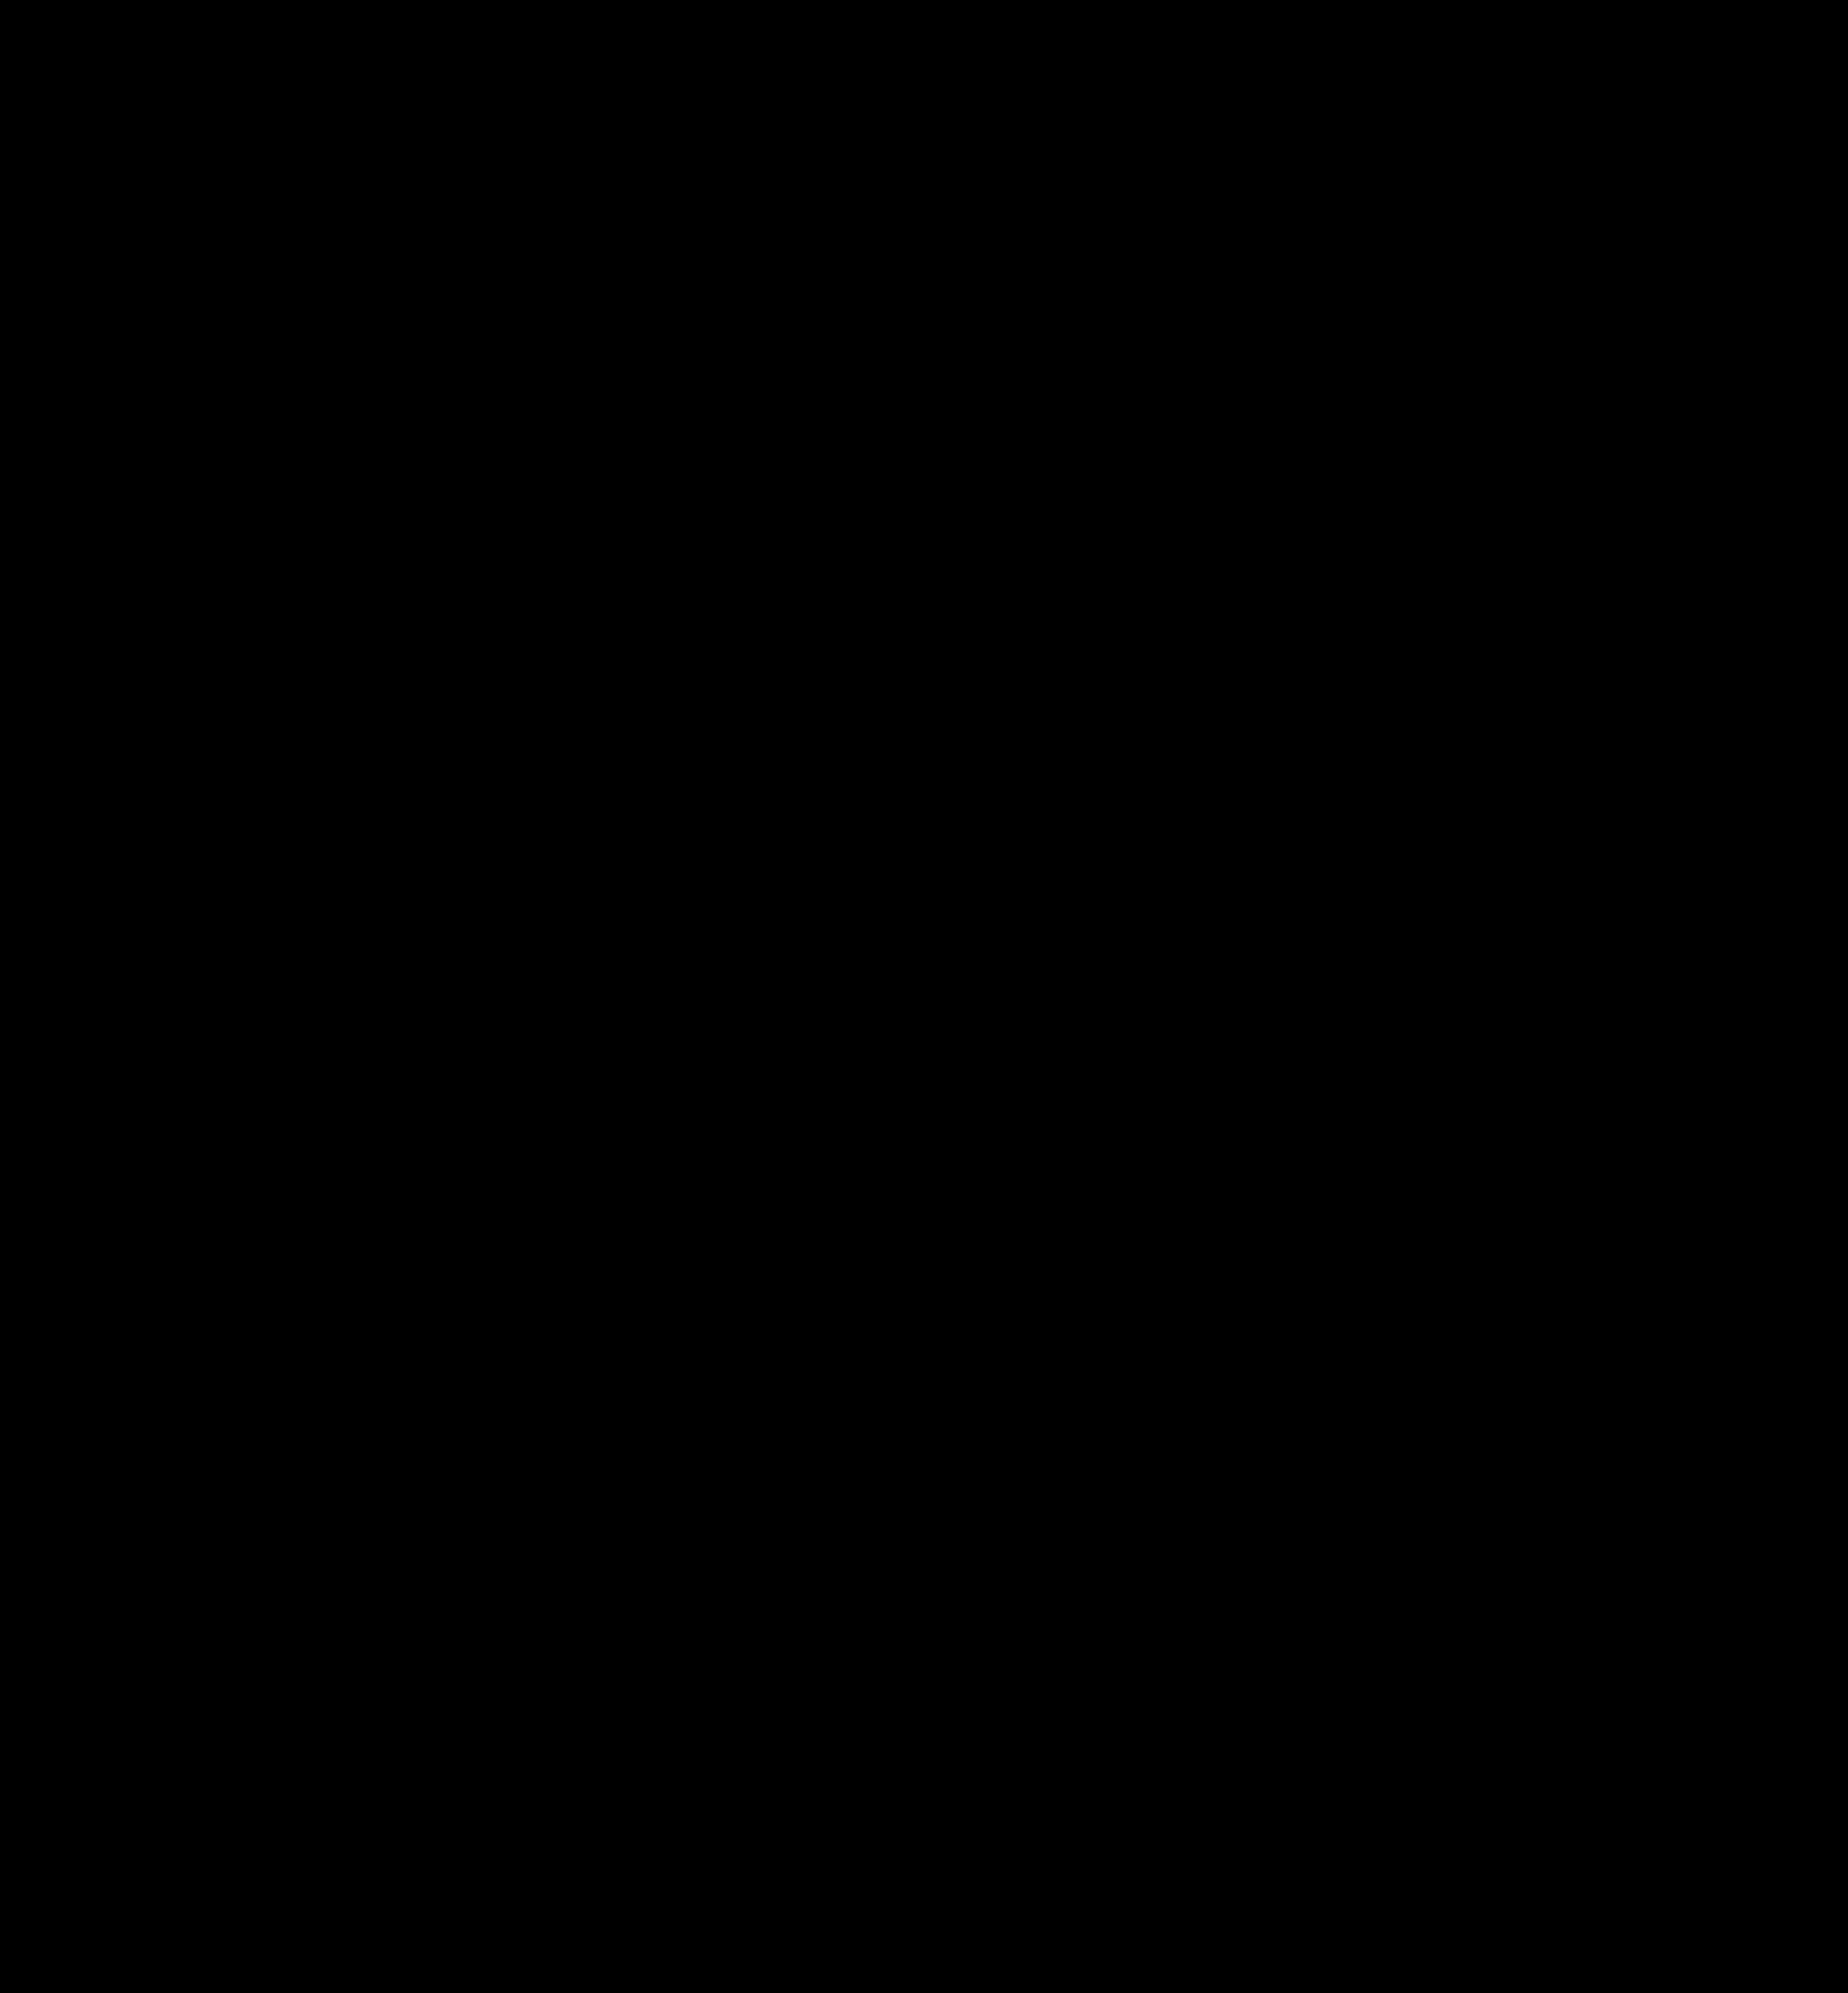 """Logo der Barebells Marke & BCAA Herstellers """"No Carbs Company"""", NOCCO, Partner von FEFLOGX Sportswear."""